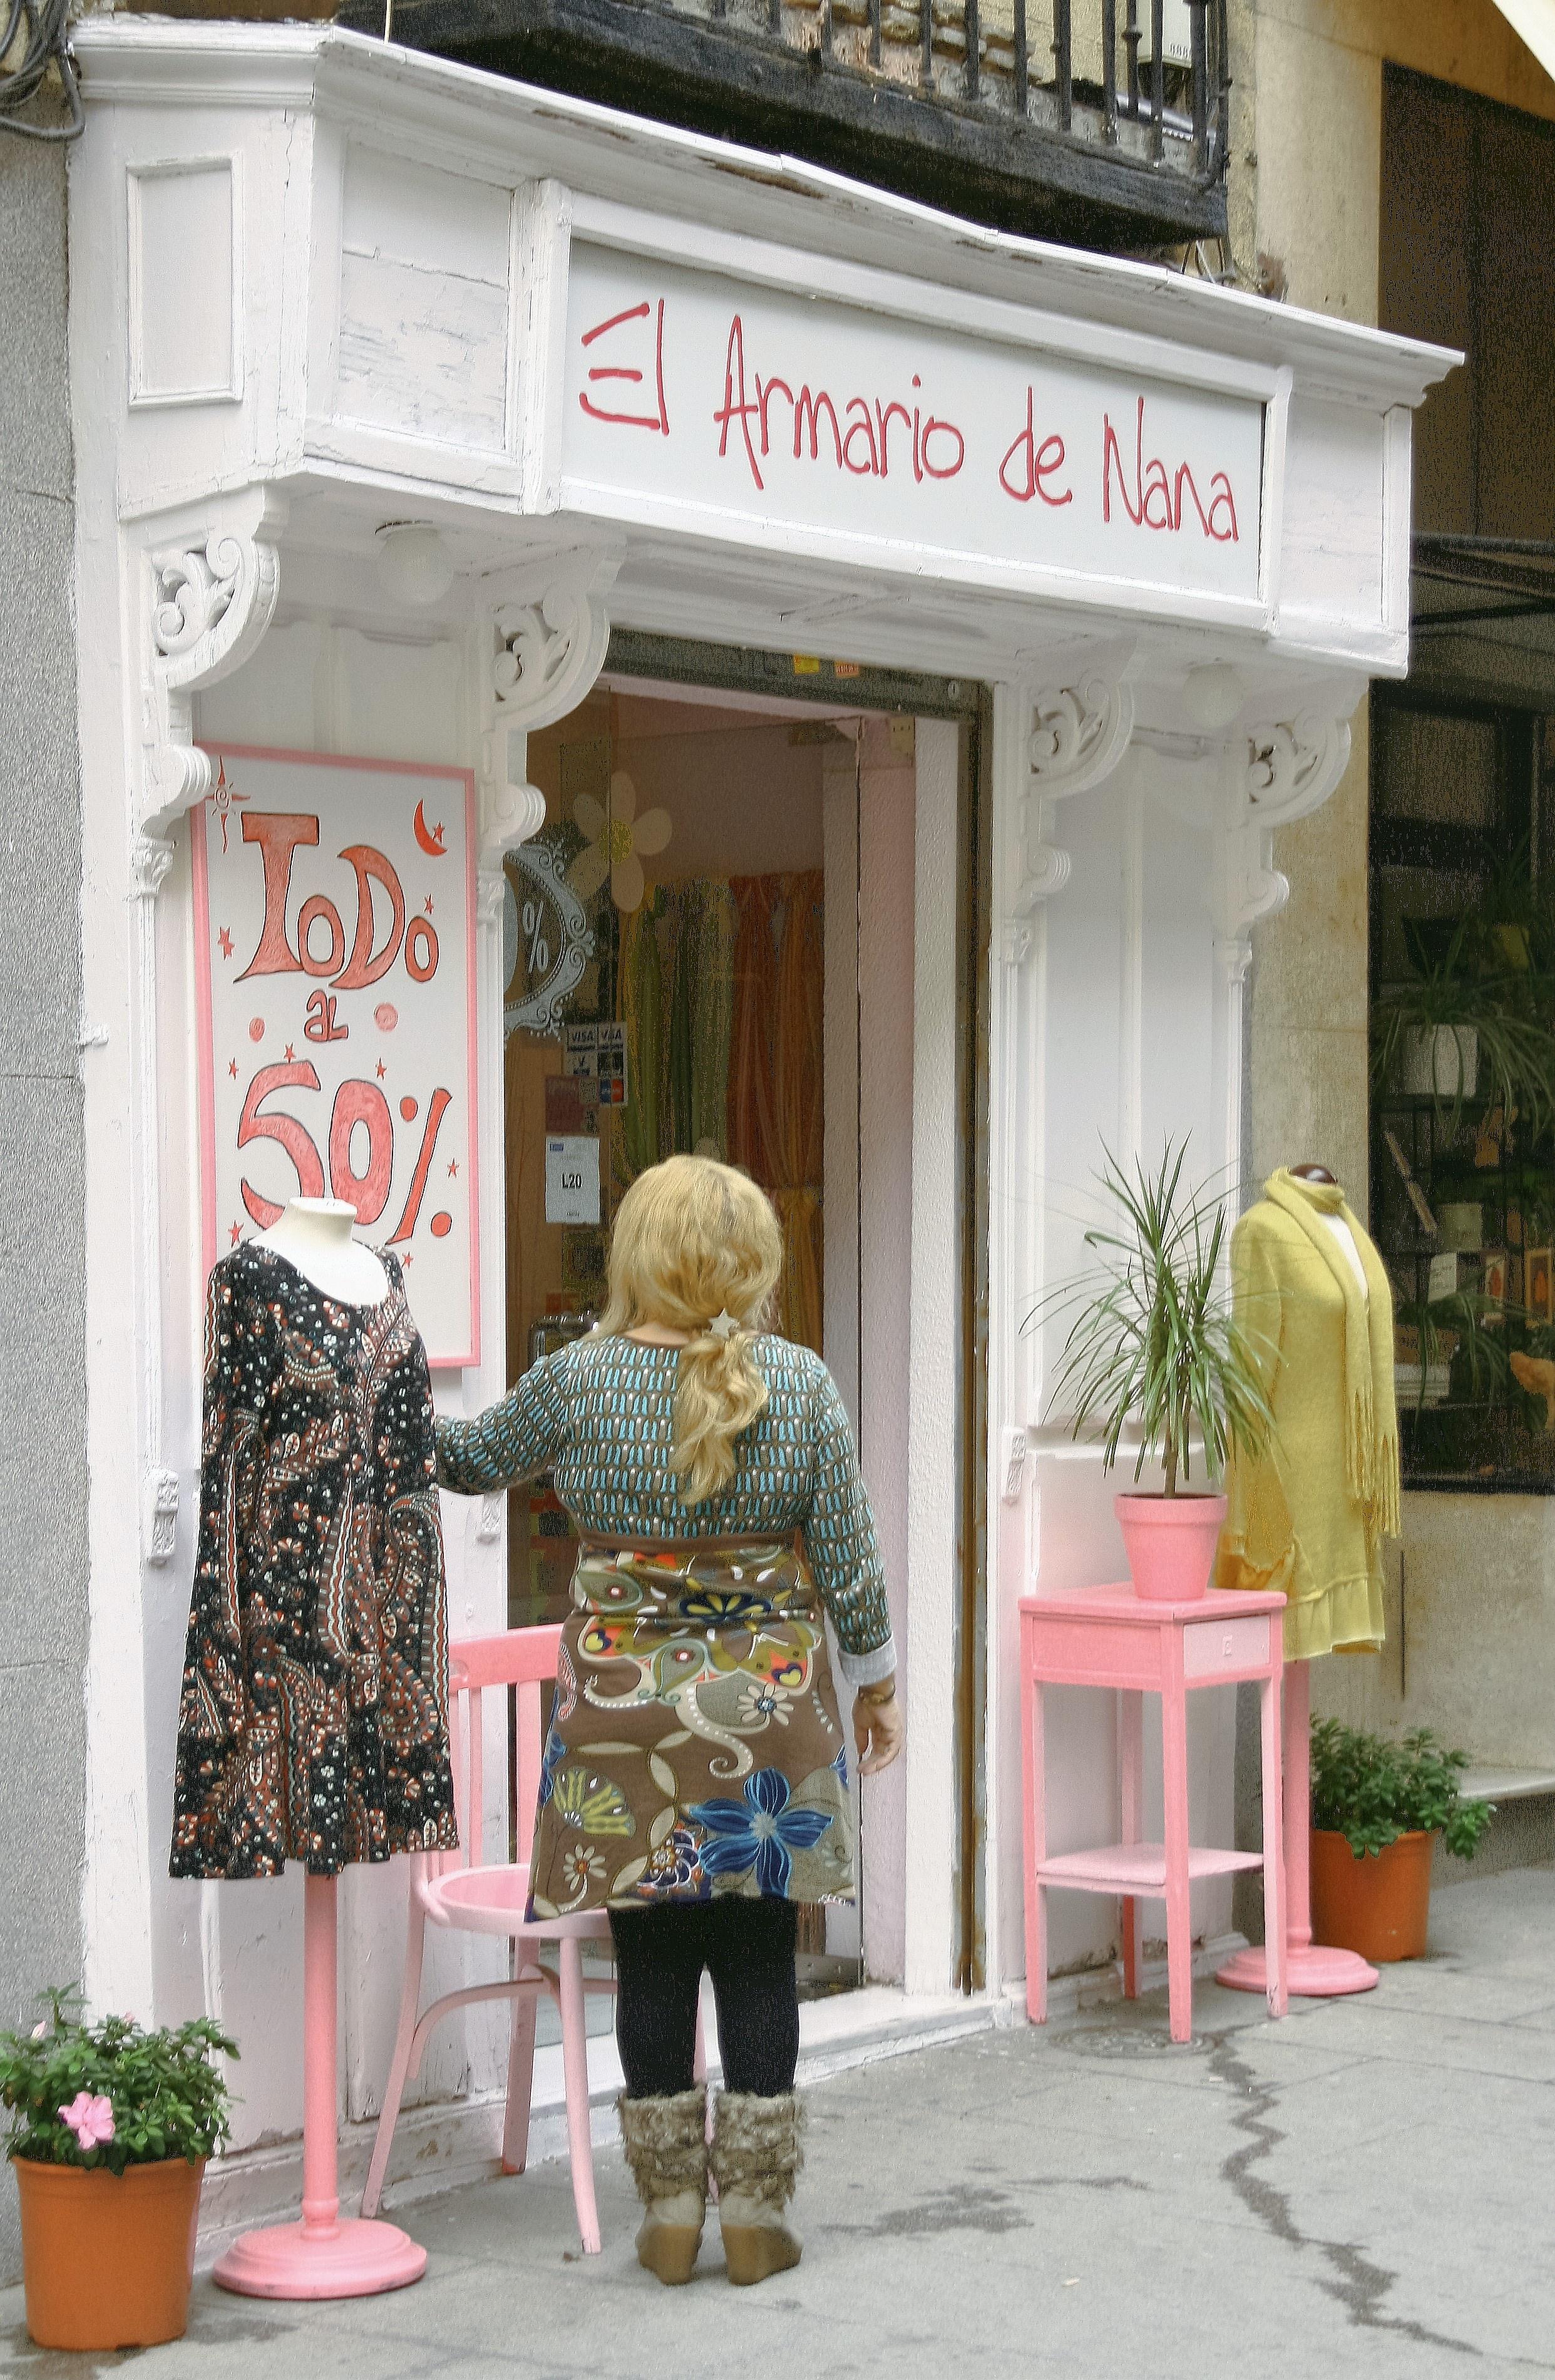 d137ad74f32 årgang by- Europa butik forretning tøj handle ind boutique madrid detail  udstillingsvindue